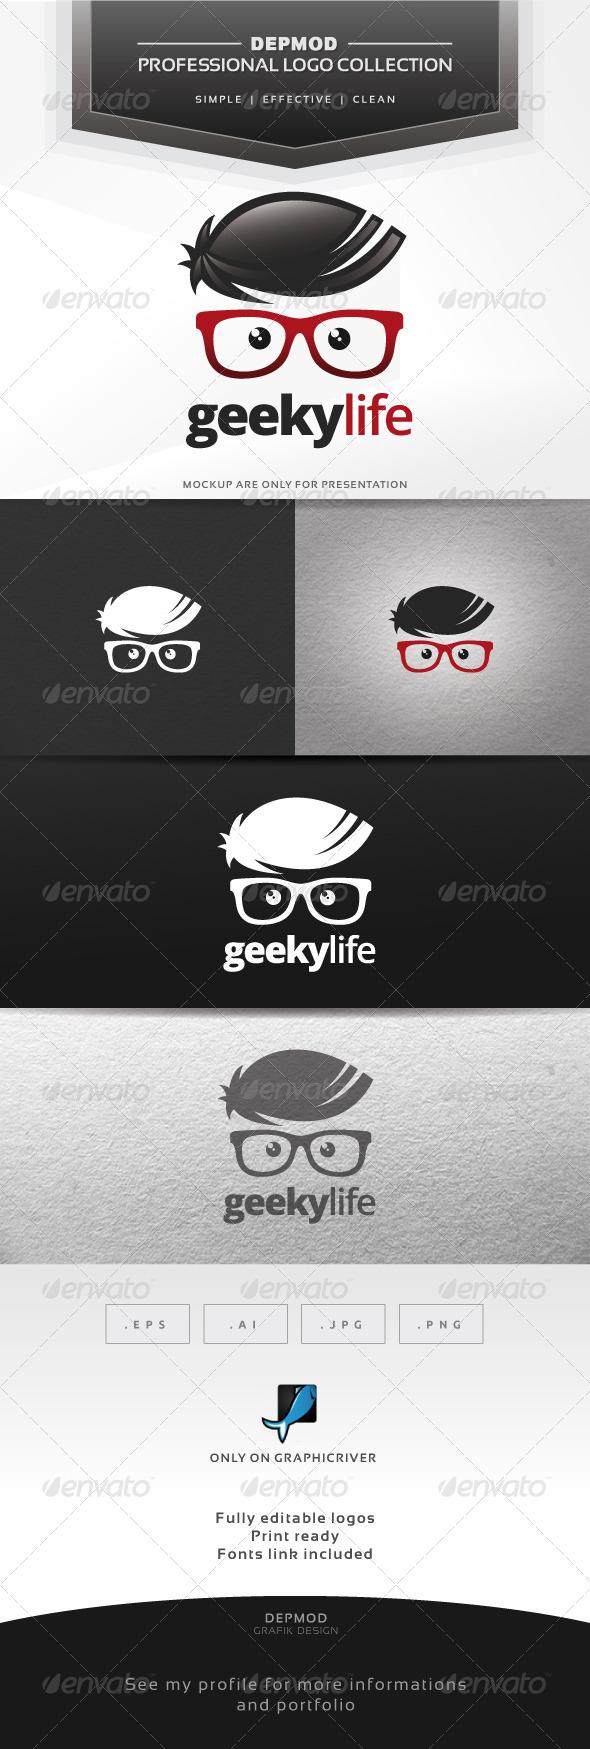 GraphicRiver Geeky Life Logo 6591930